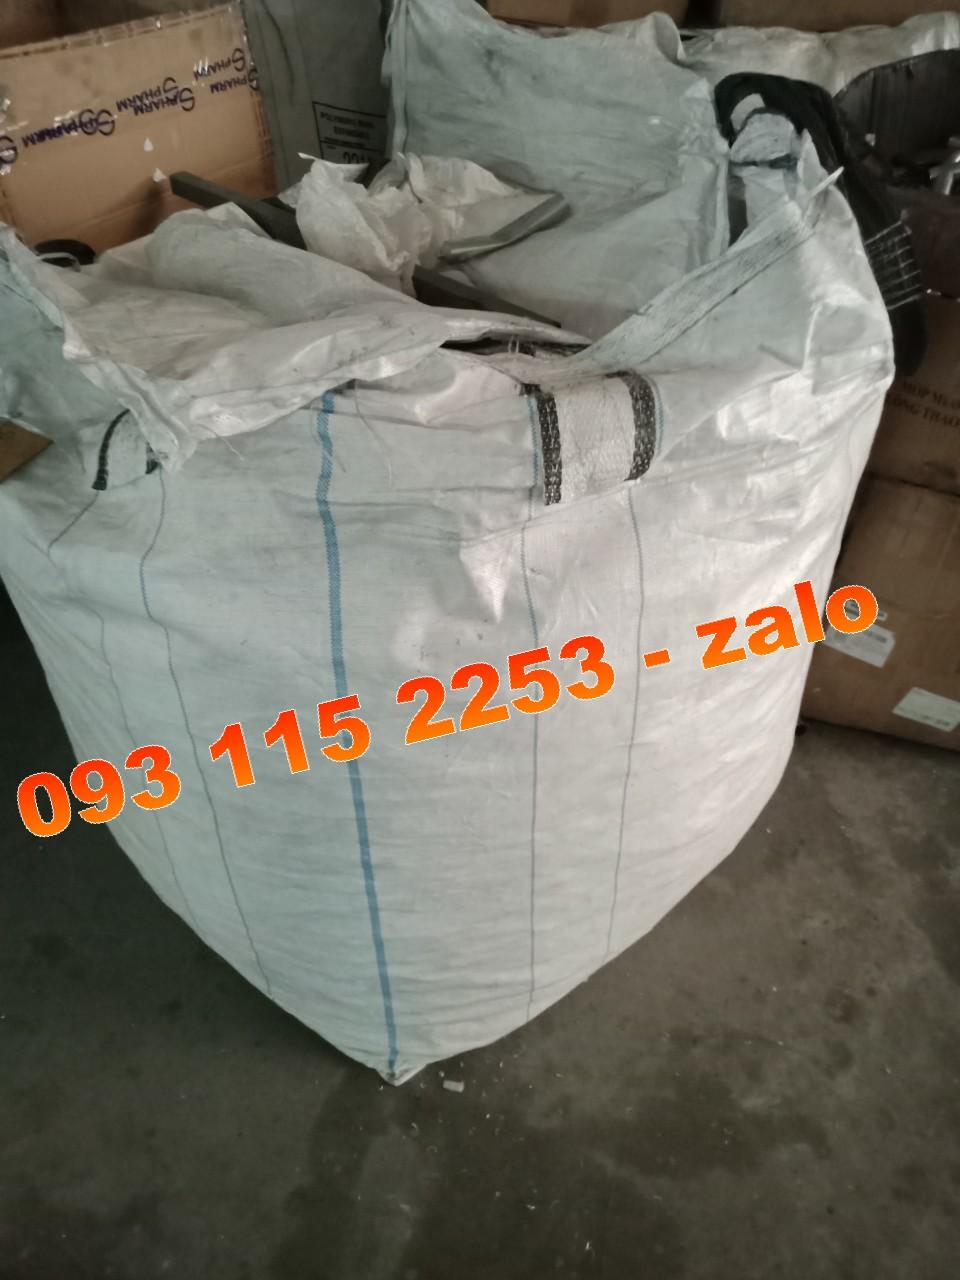 Bao jumbo 90 x 90 x 110 ống nạp đáy xả 1 tấn lúa gạo